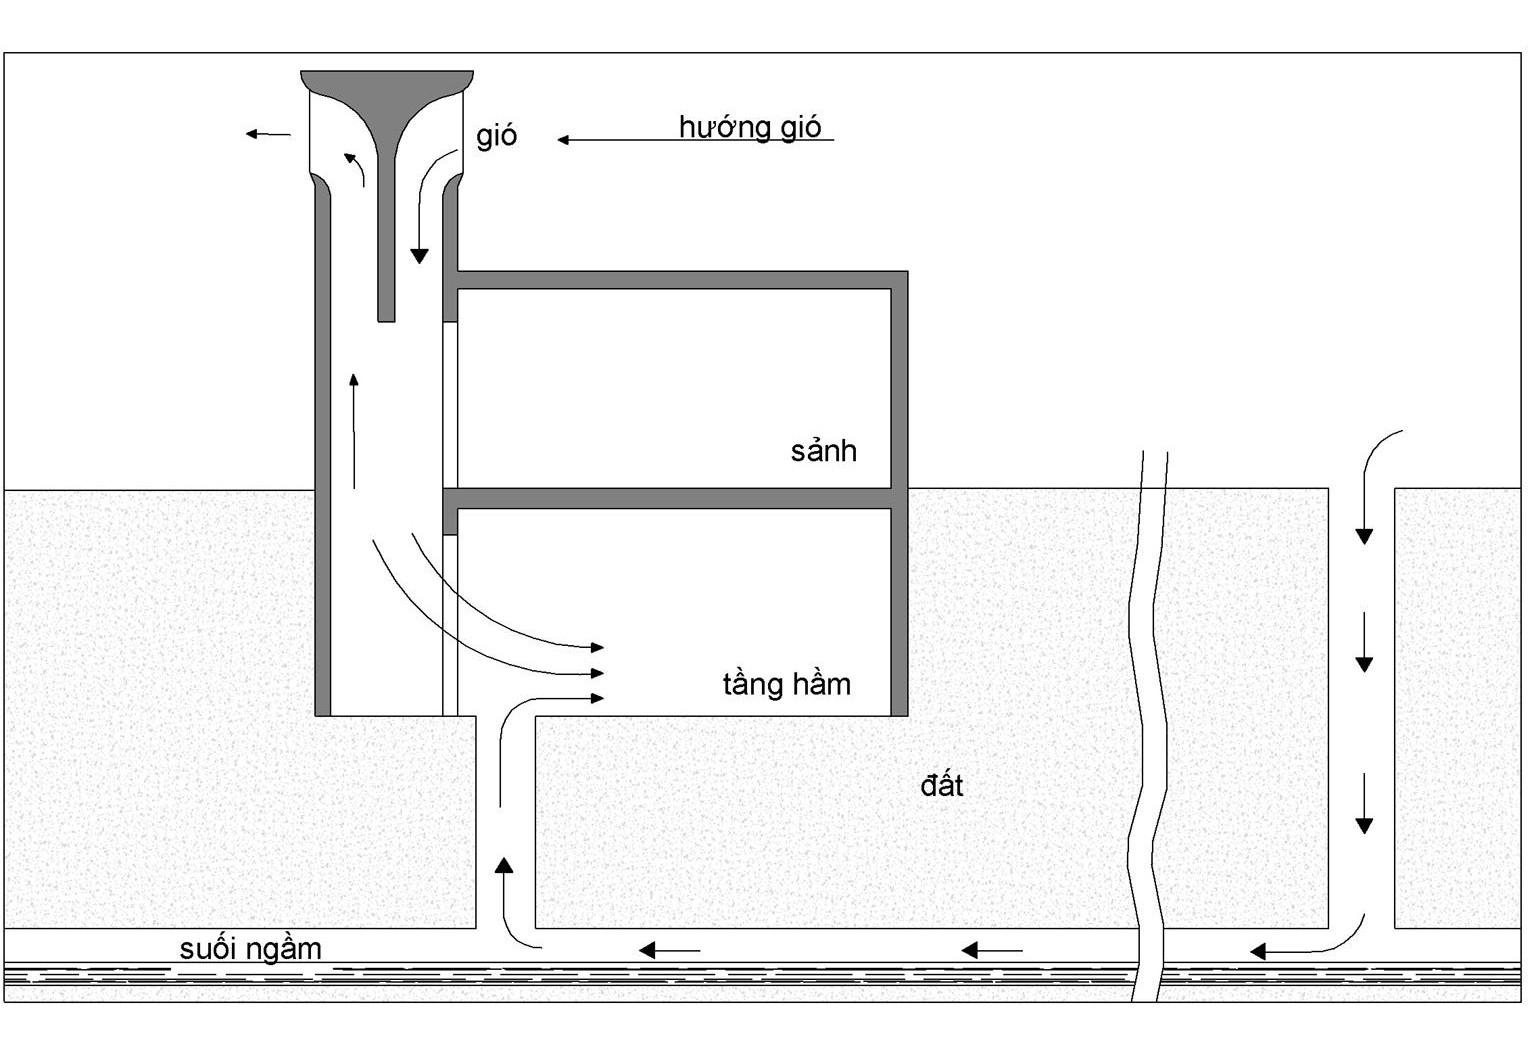 Hình 6:DÒNG NƯỚC NGẦM và tháp gió là một sự làm mát kết hợp hiệu quả. Trong hệ thống được trình bày ở đây, một đường ống nối dòng nước với bề mặt và một đường ống khác nối dòng nước với tầng hầm của toà nhà sẽ được làm mát. Không khí khô nóng bên ngoài đi vào đường ống dẫn nước qua một đường ống bên ngoài toà nhà và được làm mát một cách hợp lý và làm lạnhc khi đi cùng nước (b). Vì nước ngầm thường lạnh nên tốc độ làm mát khá cao. Tháp gió được đặt sao cho gió từ dòng nước thổi qua cửa ra vào tầng hầm của tháp đi qua đầu ống. Khi không khí đi từ một hành lang rộng (đường ngầm) qua một hành lang nhỏ hơn (cửa ra vào), áp suất không khí giảm xống. Áp suất không khí từ tháp vẫn giảm khi nó đi qua đầu ống, khiến cho không khí lạnh ẩm trước ống được luồng không khí được làm mát từ tháp hút lên (c). Hỗn hợp không khí từ ống và không khí từ tháp (d) lưu thông qua tầng hầm. Chỉ một dòng nước ngầm có thể cung cấp những hệ thống Tháp gió loại này.